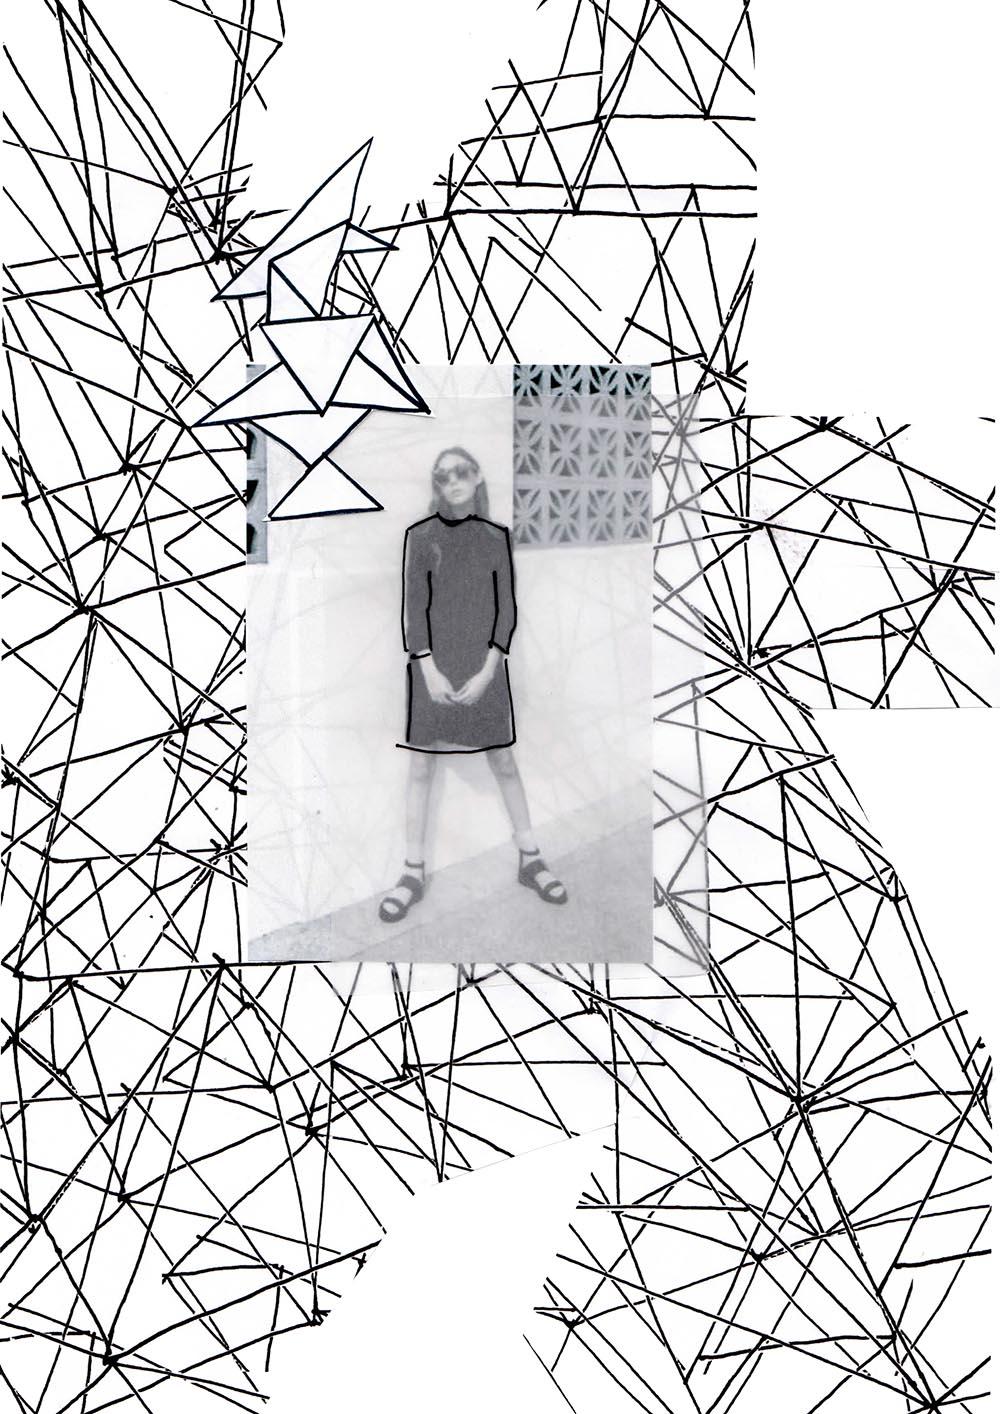 Du möchtest gerne selber eine Collage machen, aber weißt nicht genau wo du anfangen sollst ? Dann hab ich eine 'Anleitung' für dich, wie du in 5 Schritten eine schöne Collagen machen kannst. | Hermine on walk | Mode Collagen | Graphic Design | Kunst Collagen |Mode Illustration | Fashion Collage